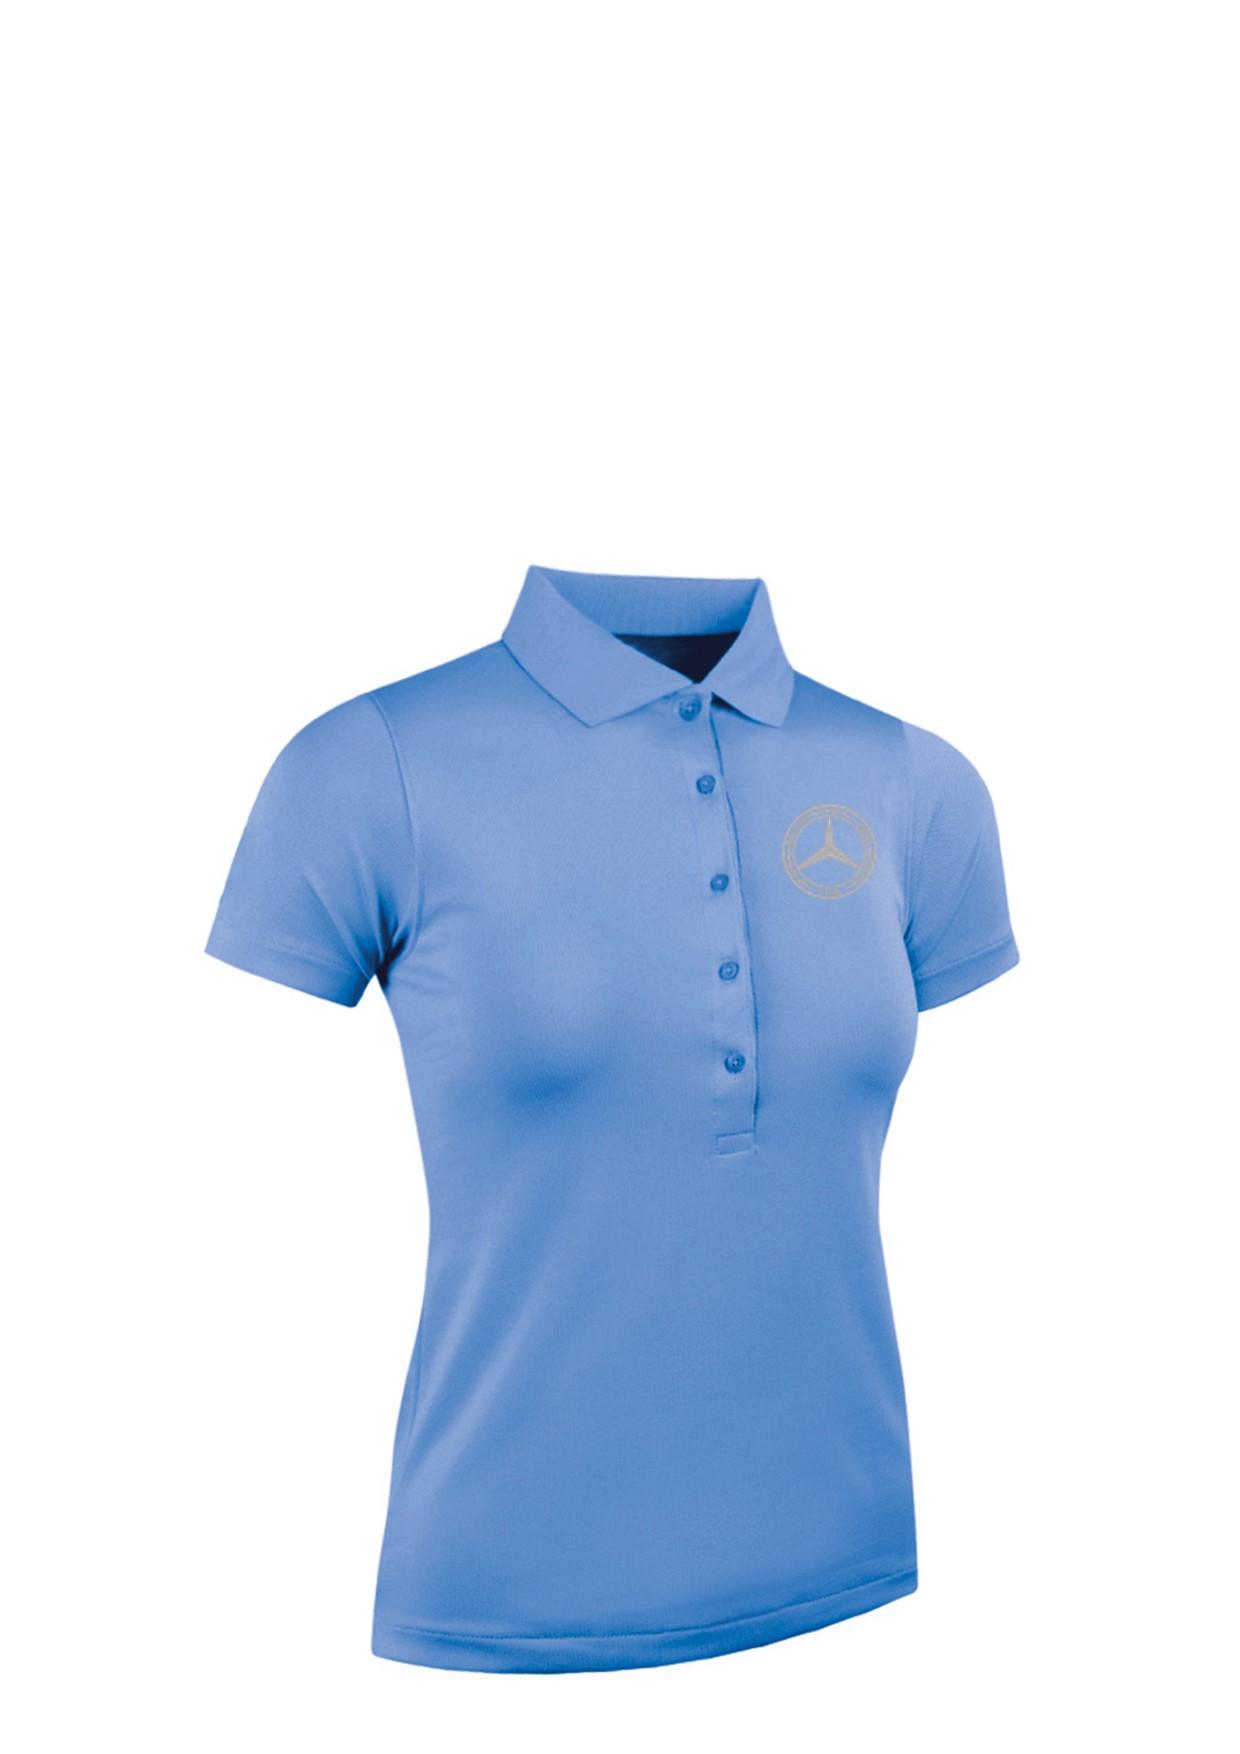 Mercedes-Benz Club Glenmuir Golf Ladies Pique Polo Shirt